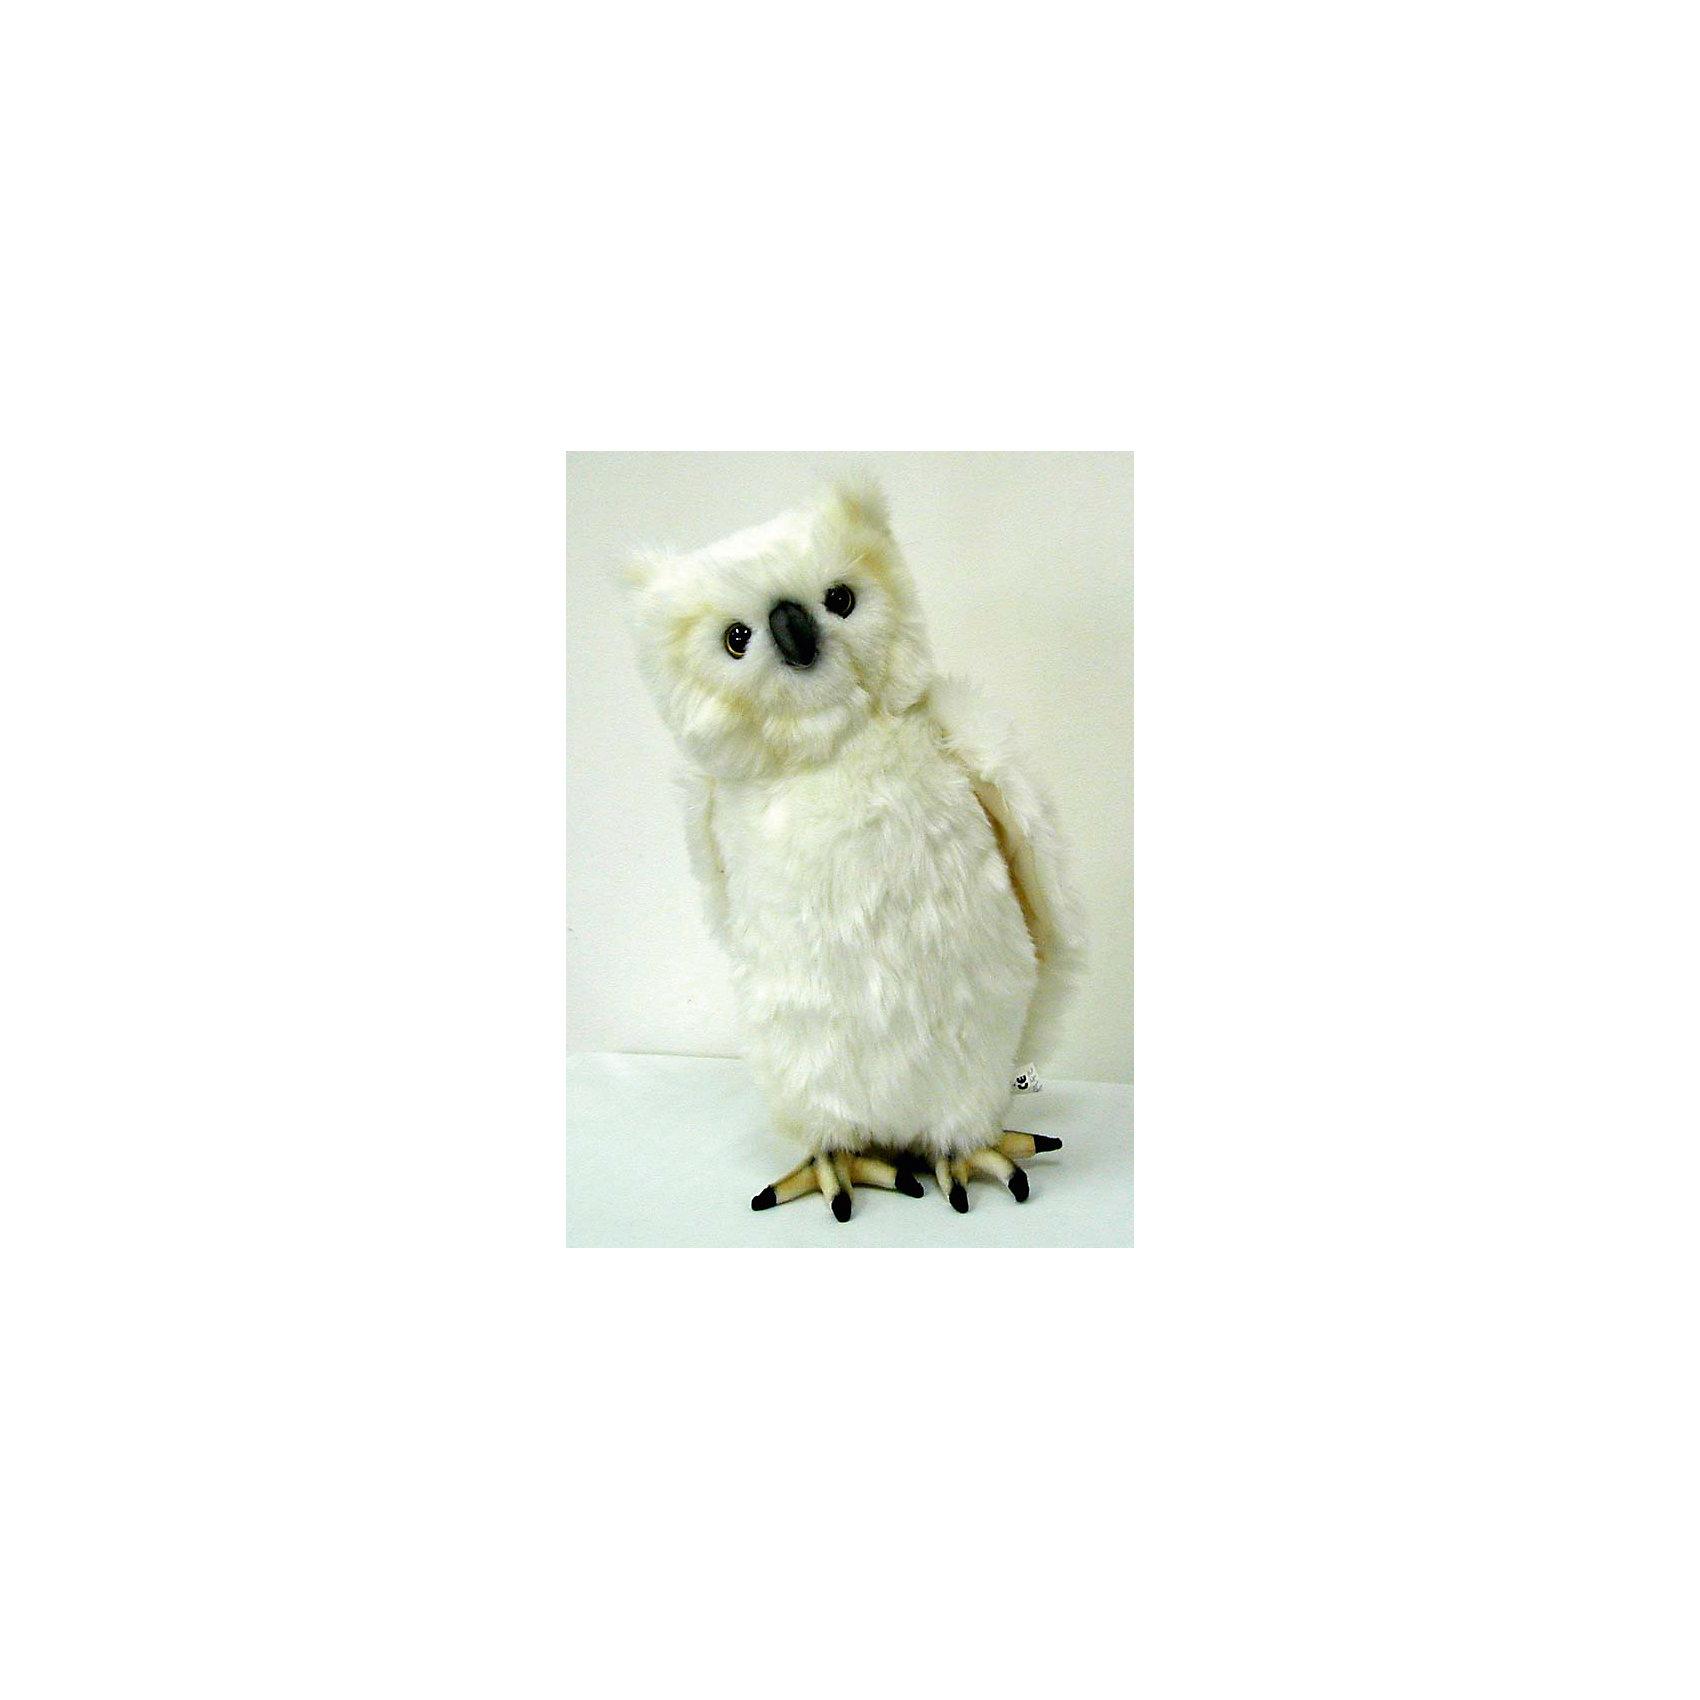 Мягкая игрушка Hansa Белая сова, 30 смМягкие игрушки животные<br>Характеристики товара:<br><br>• возраст: от 3 лет;<br>• материал: искусственный мех;<br>• высота игрушки: 30 см;<br>• размер упаковки: 30х19х15 см;<br>• вес упаковки: 230 гр.;<br>• страна производитель: Филиппины.<br><br>Мягкая игрушка Белая сова Hansa 30 см — очаровательный пушистый совенок с глазками-пуговками, который станет для ребенка любимым домашним питомцем. Игрушку можно брать с собой на прогулку, в детский садик, в гости и устраивать вместе с друзьями веселые игры. <br><br>Внутри проходит титановый каркас, который позволяет менять положение крыльев, туловища, поворачивать голову. Игрушка сделана из качественных безопасных материалов.<br><br>Мягкую игрушку Белая сова Hansa 30 см можно приобрести в нашем интернет-магазине.<br><br>Ширина мм: 190<br>Глубина мм: 150<br>Высота мм: 300<br>Вес г: 230<br>Возраст от месяцев: 36<br>Возраст до месяцев: 2147483647<br>Пол: Унисекс<br>Возраст: Детский<br>SKU: 6680727